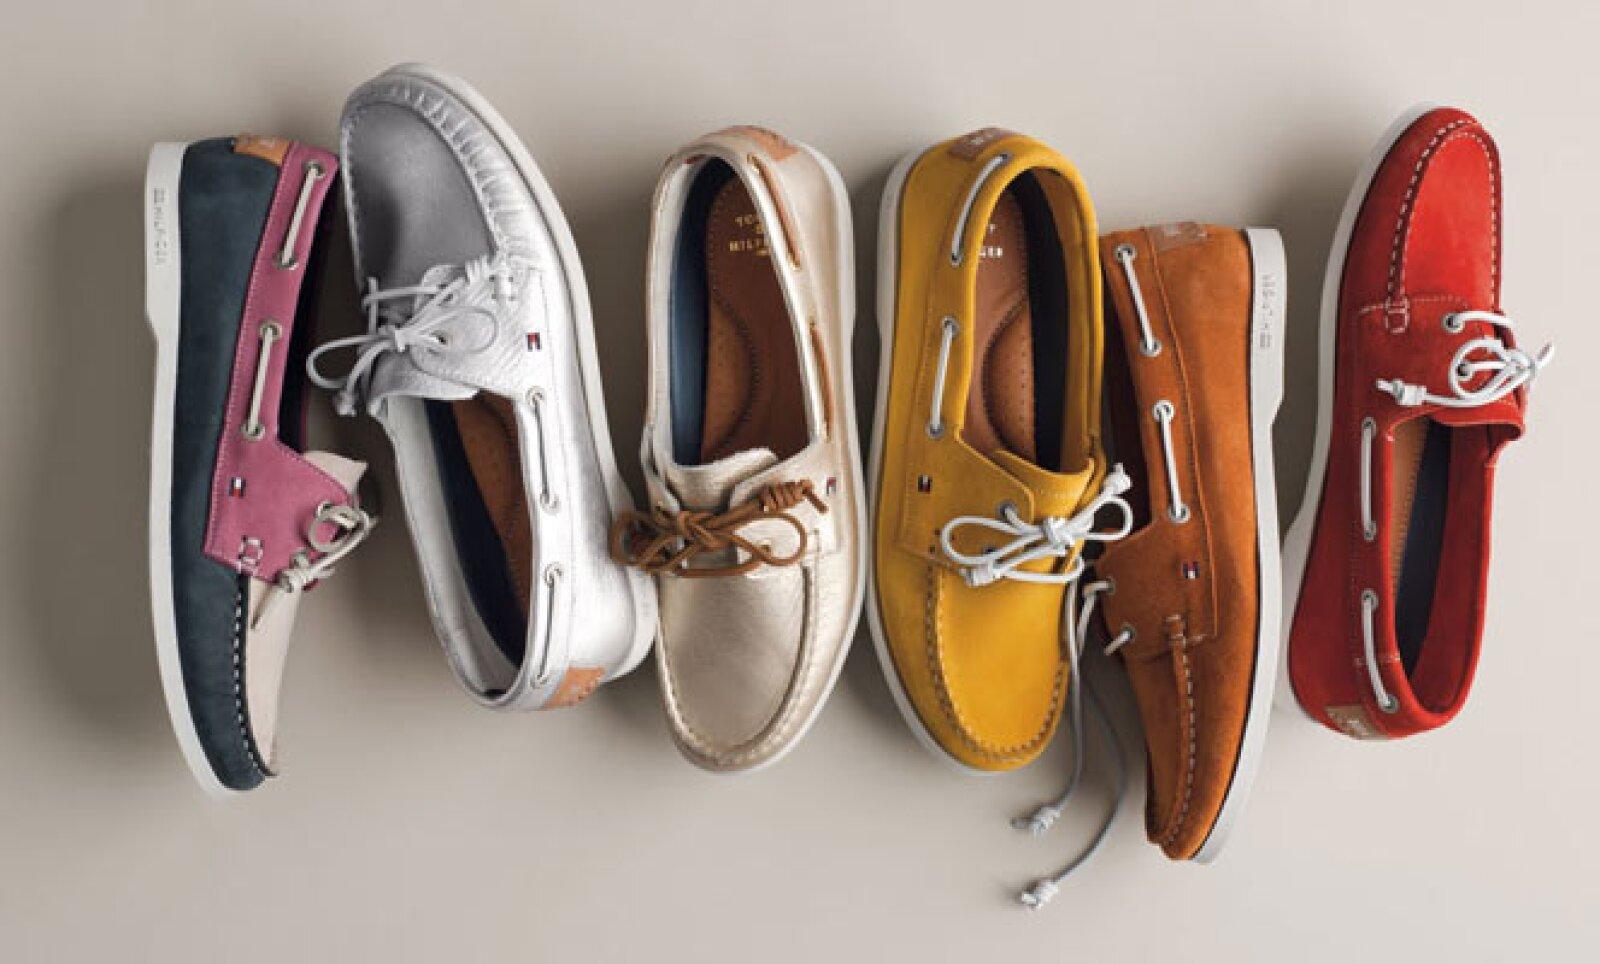 Zapatos deportivos pero con un toque elegante pueden darle un toque diferente a tu 'outfit'.